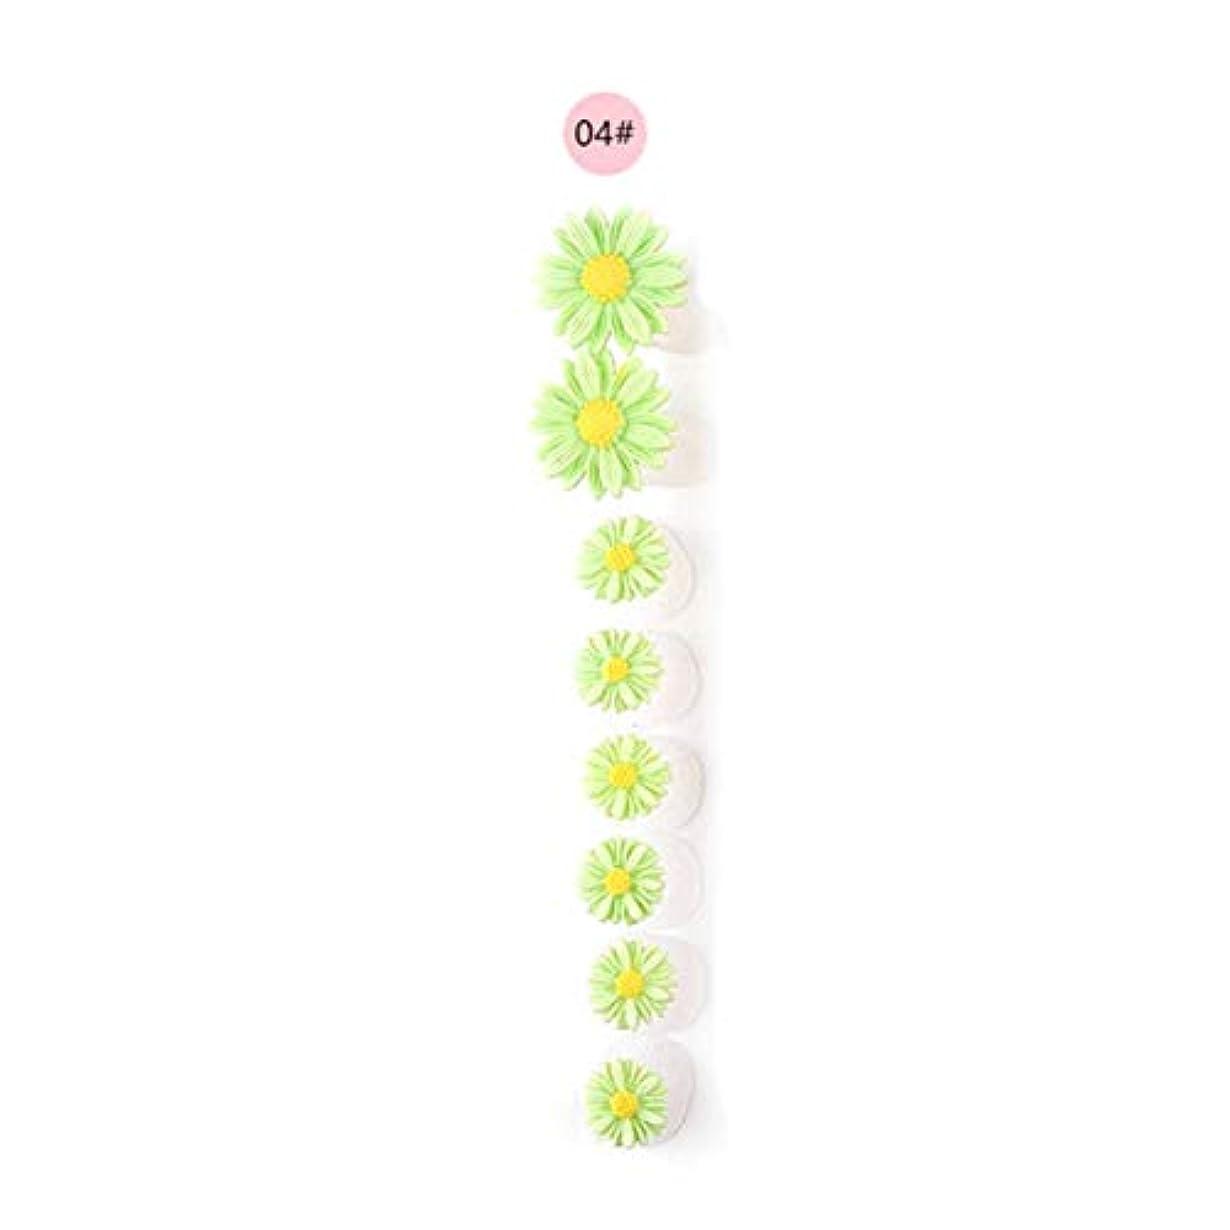 層敏感なあいにく8ピース/セットシリコンつま先セパレーター足つま先スペーサー花形ペディキュアDIYネイルアートツール-カラフル04#